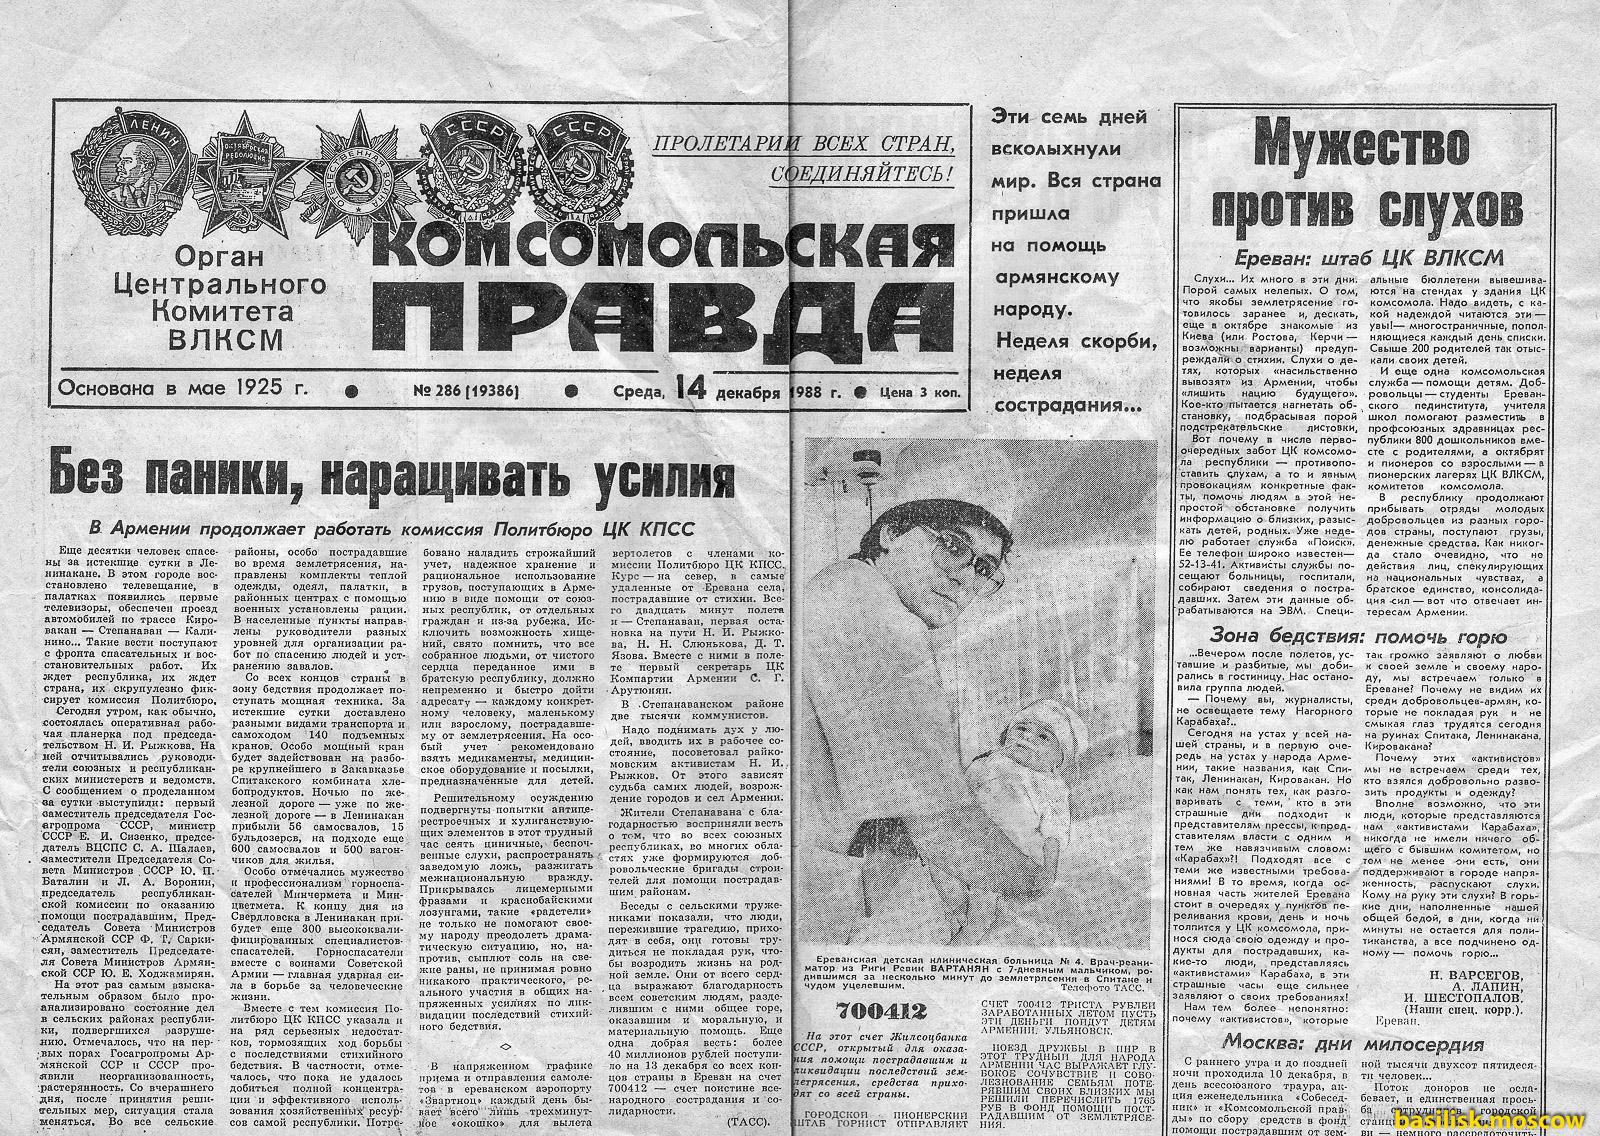 Комсомольская правда. 16 января 1988. Землетрясение в Армении